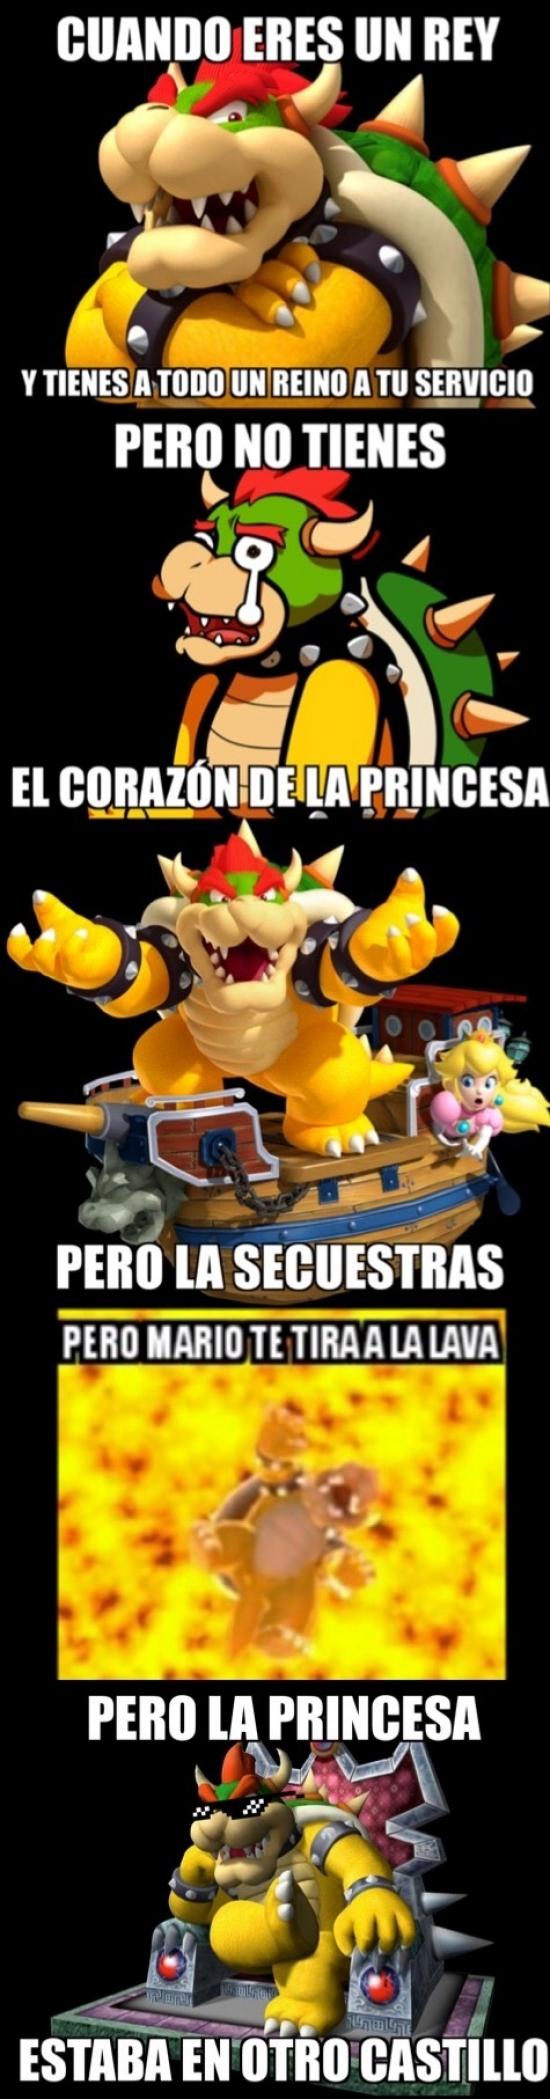 Memes Divertidos Chilenos El Dilema De Bowser I Http Www Diverint Com Memes Divertidos Chilenos Dilema Bowser Memes Divertidos Memes Memes Graciosos